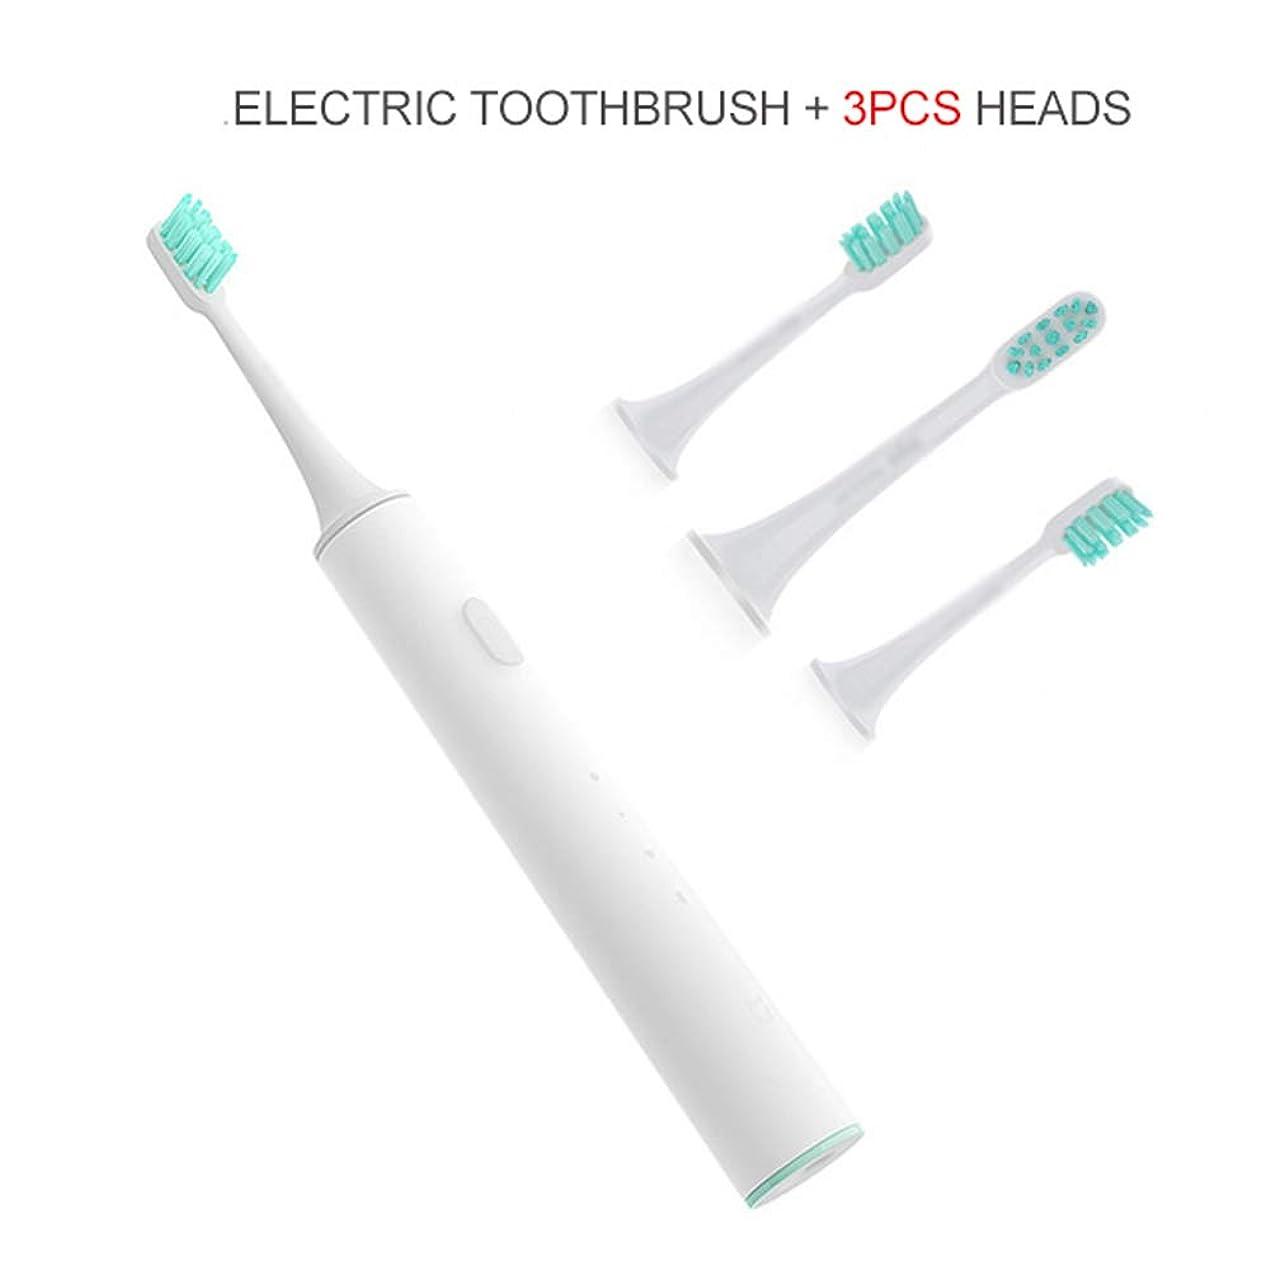 チャーム誤解させる息切れソニック電動歯ブラシ充電式APP制御超音波歯ブラシIPX7防水USBワイヤレス充電